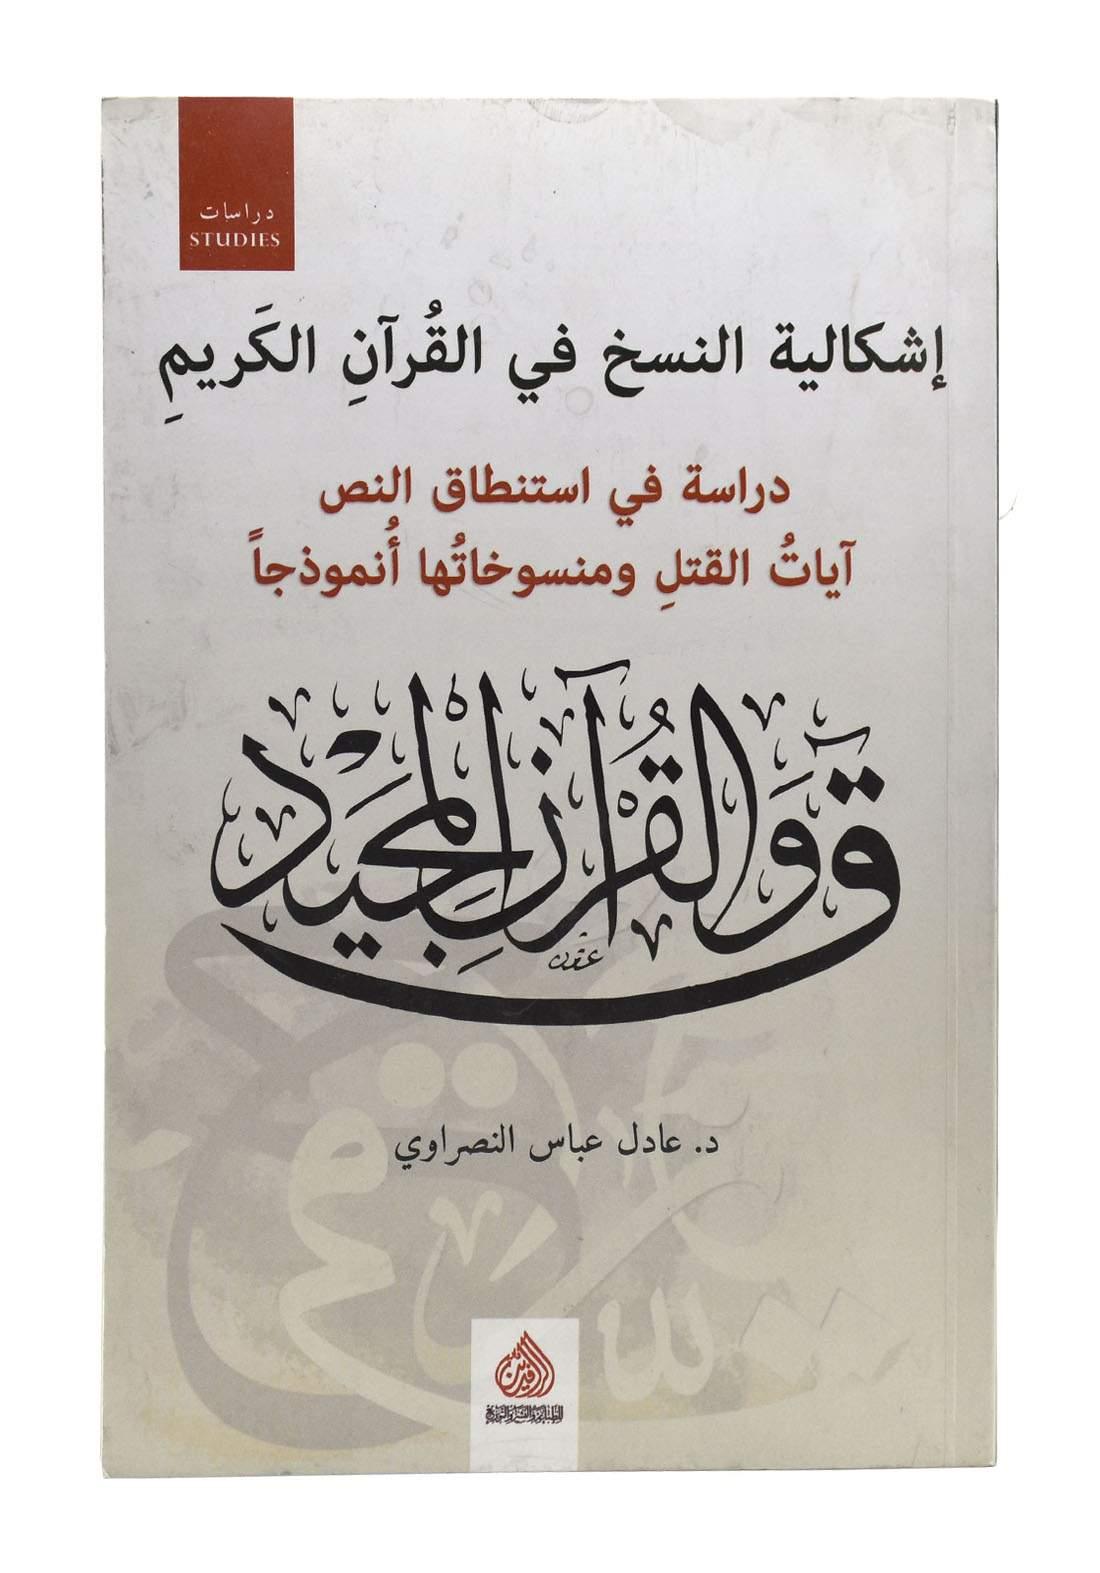 إشكالية النسخ في القرآن الكريم